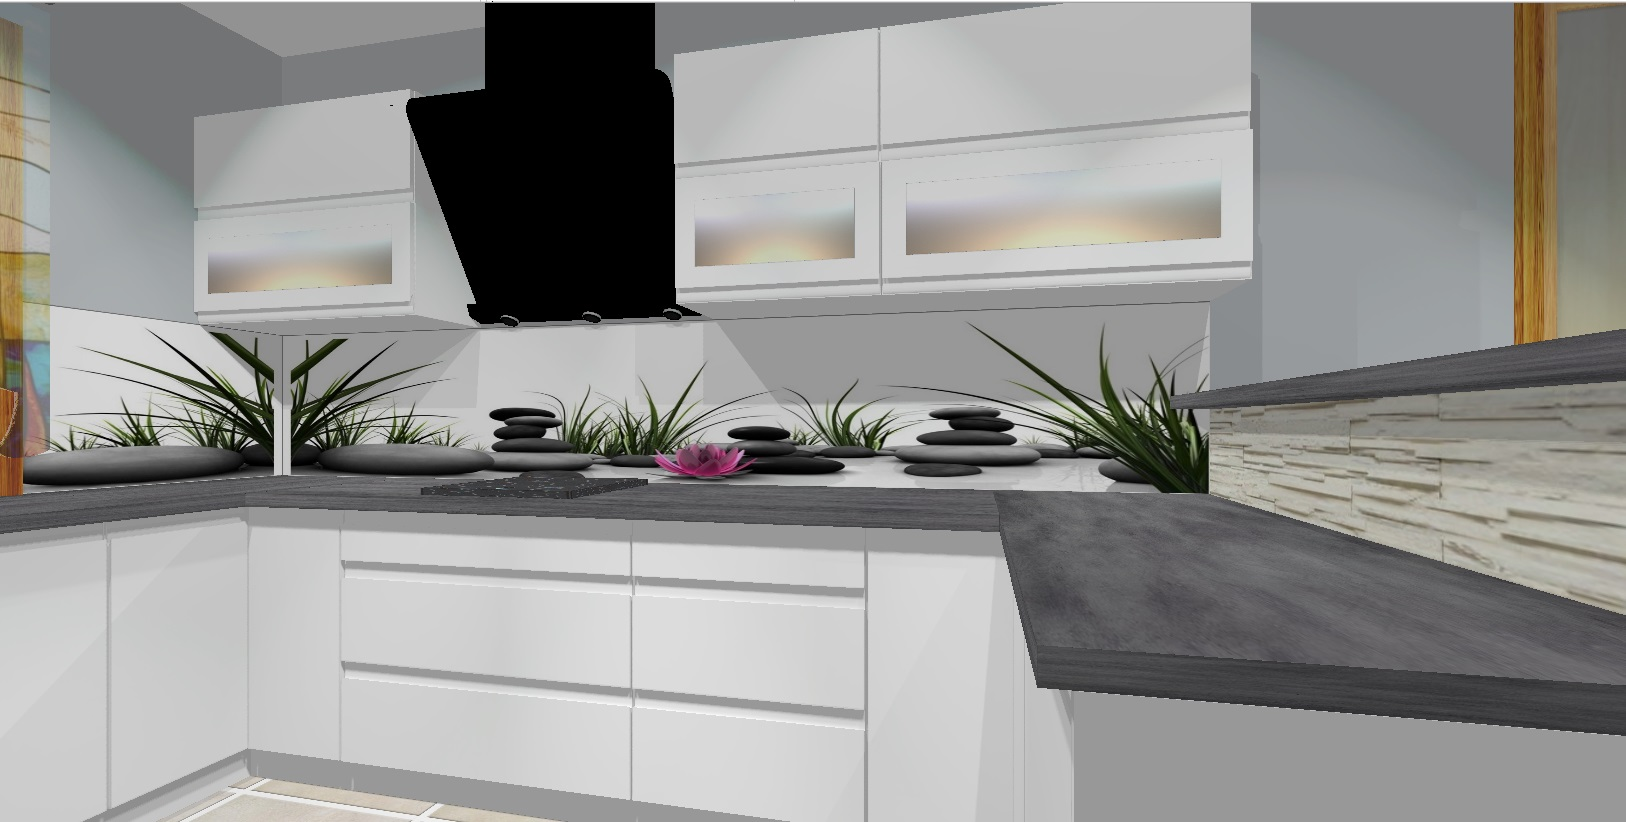 meble kuchenne na wymiar  nowoczesne meble do kuchni, meble kuchenne, meble   -> Projekt Kuchni Agata Meble